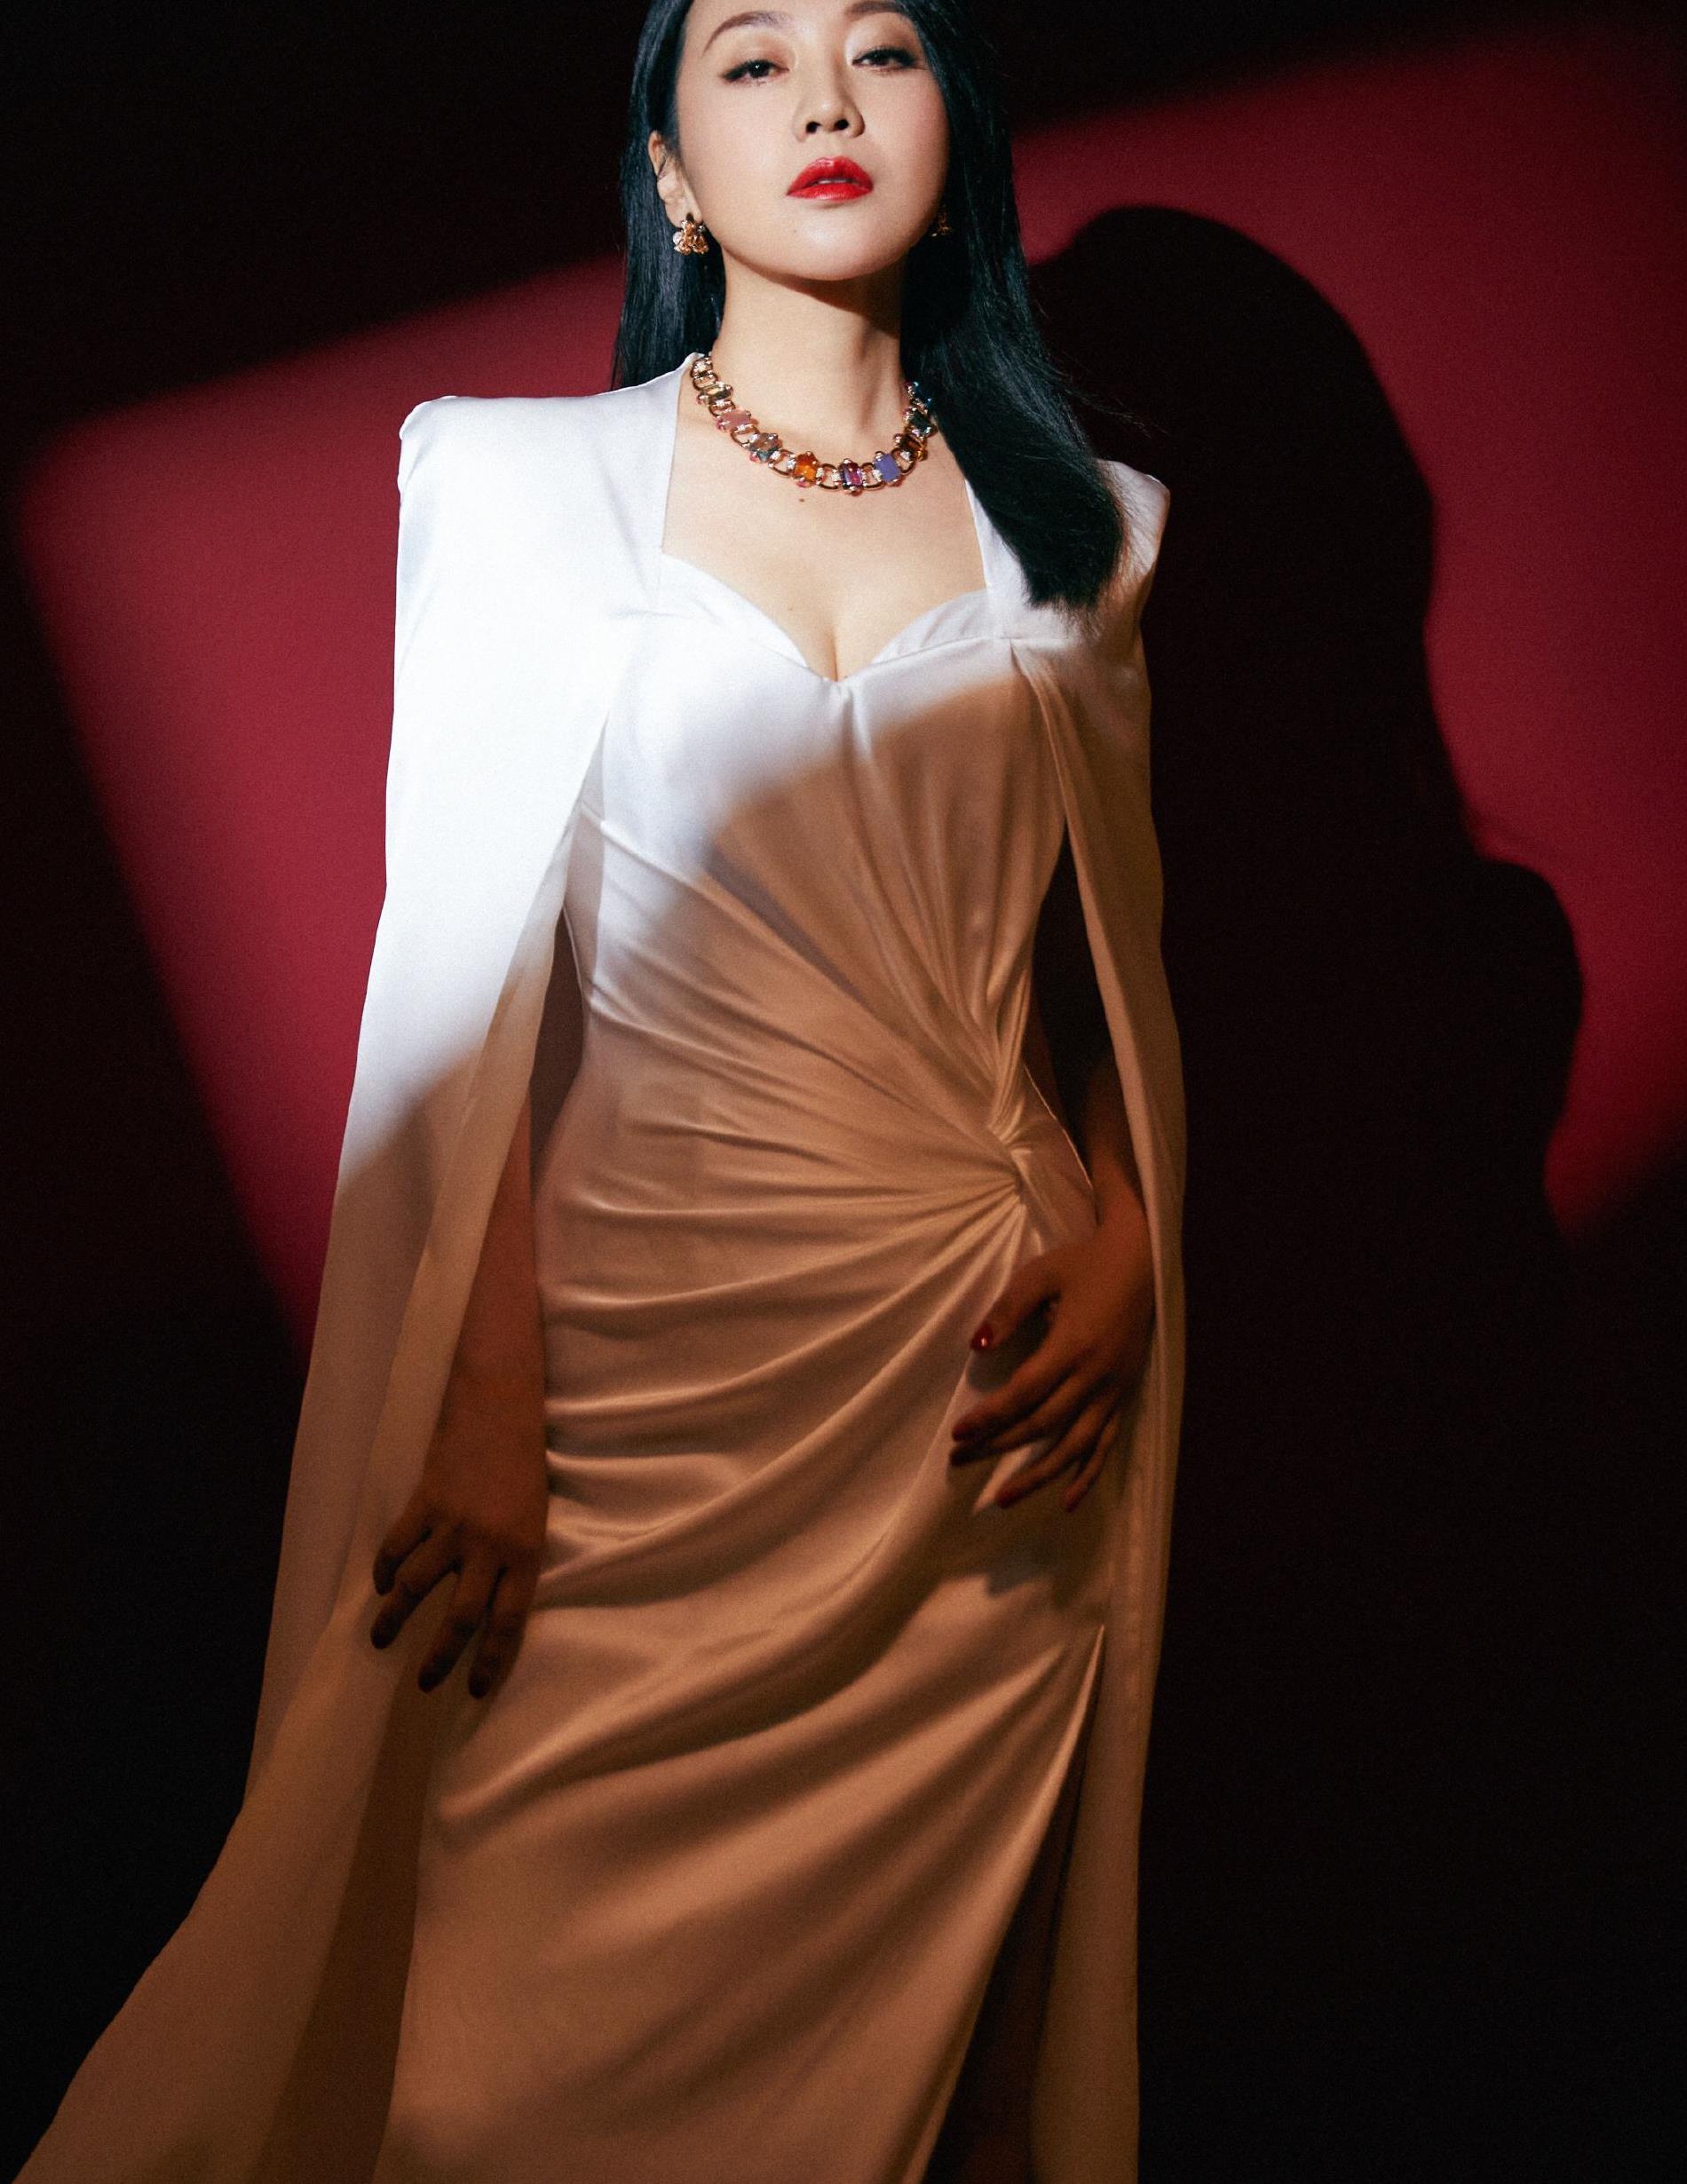 闫妮穿搭真霸气!纯白披肩配高开衩长裙气场全开,果然是不老女神